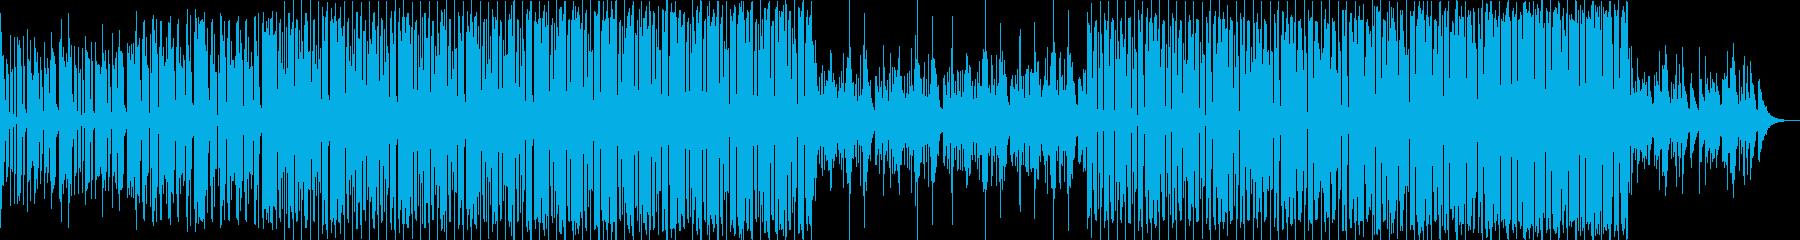 bpm116-あなたに夢中な情熱のEDMの再生済みの波形